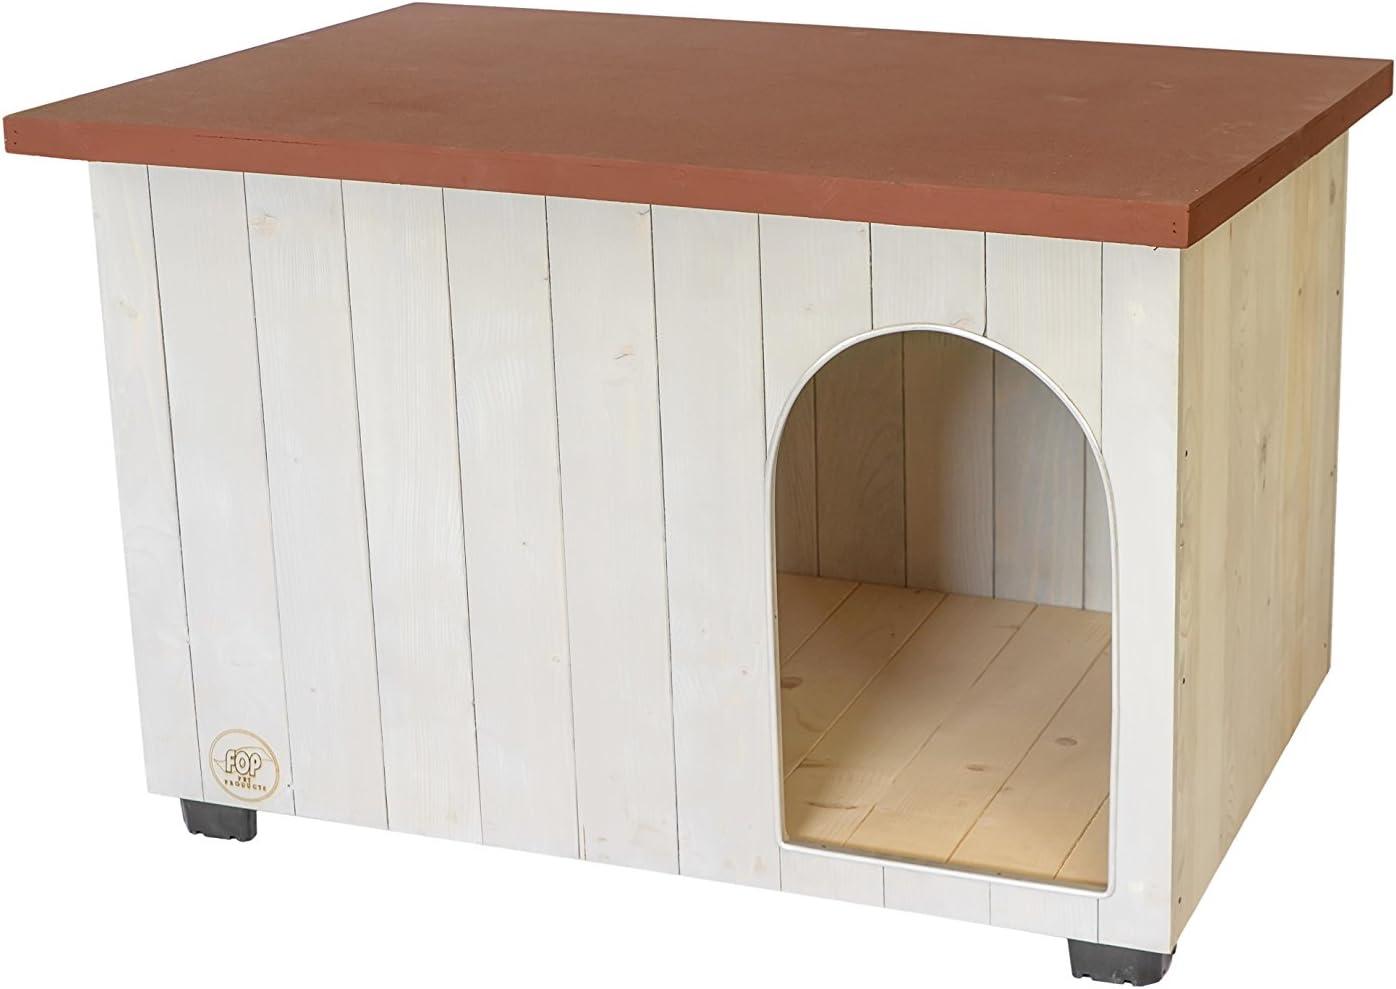 【イタリアFOP】イタリアFOP社製木製犬小屋!ドッグハウス ボルトL